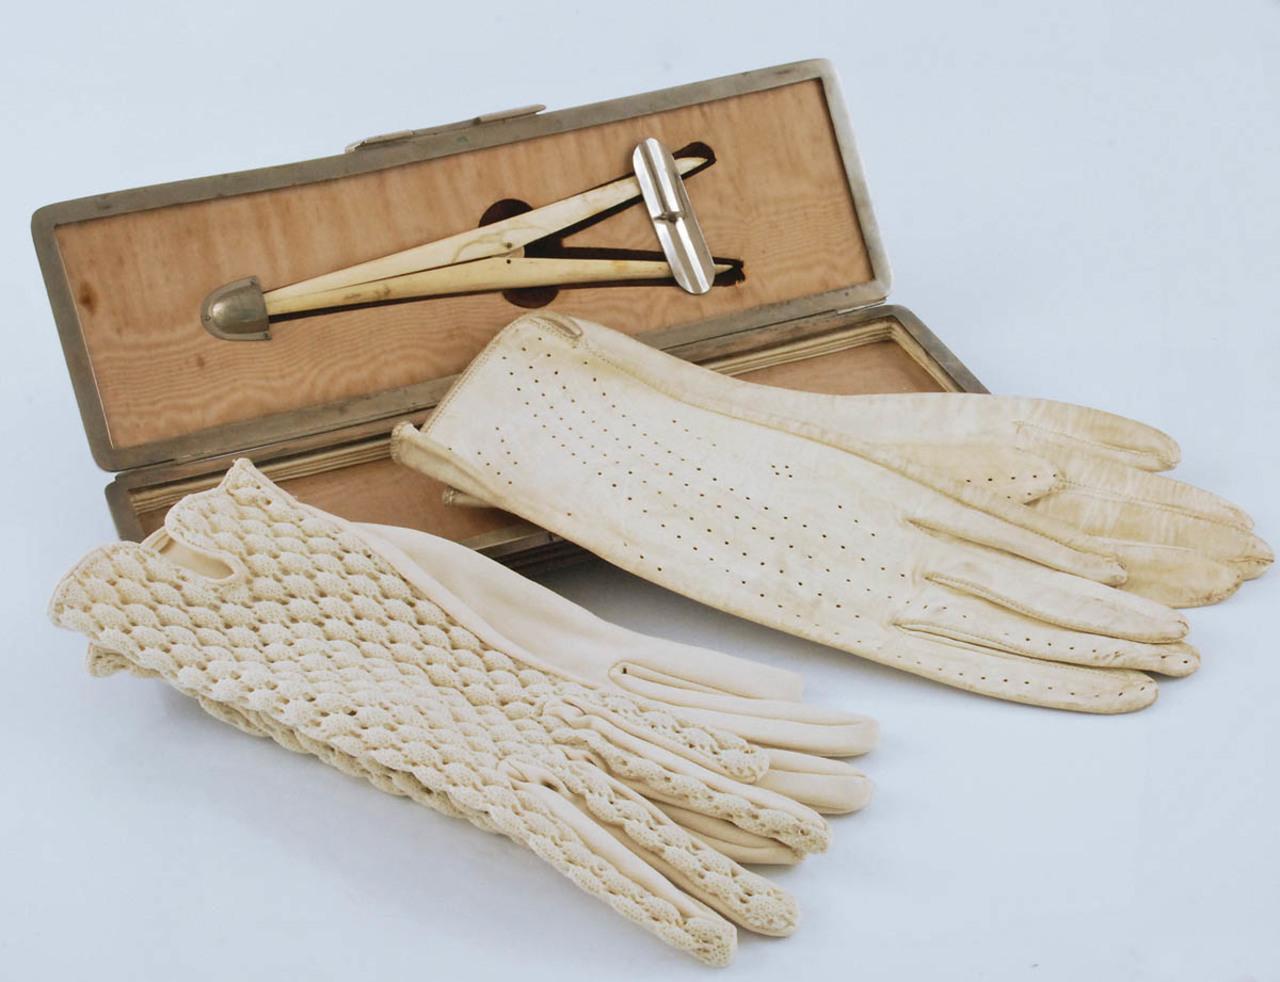 Atrybutem każdej damy były rękawiczki i specjalne szczypce do ich zakładania i rozciągania, źródło: Rempex